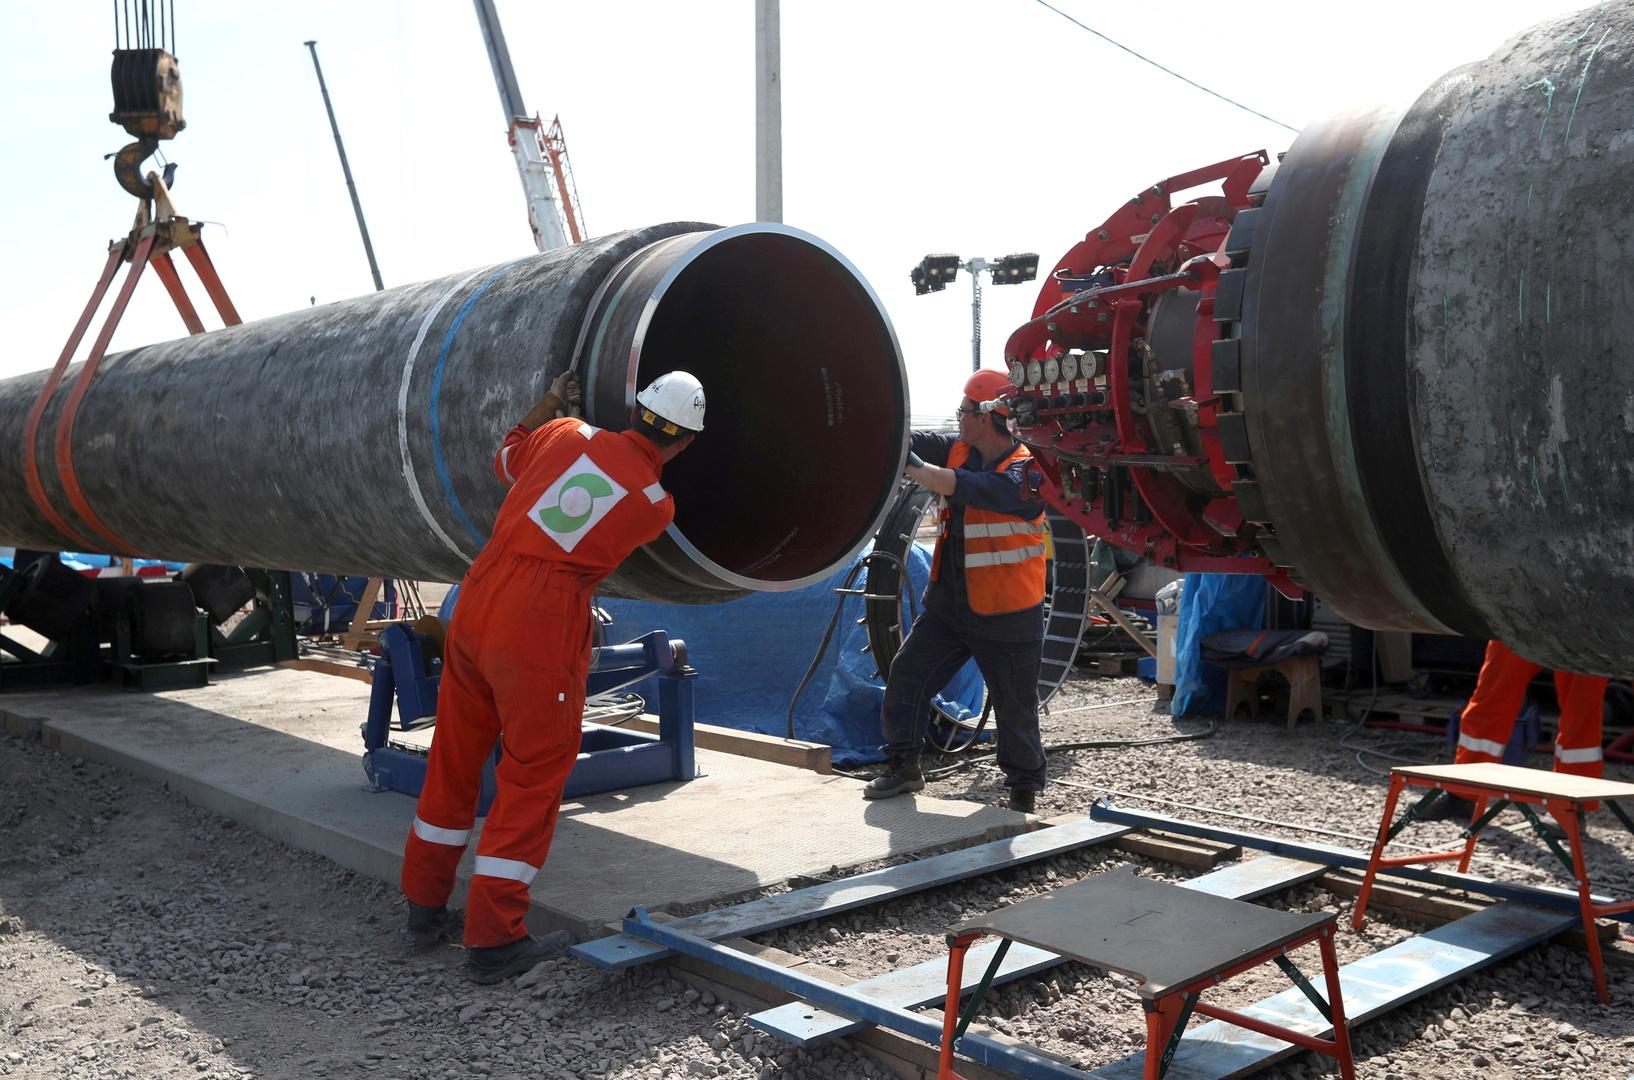 اتمام مد الأنبوب الأخير من مشروع الغاز الروسي